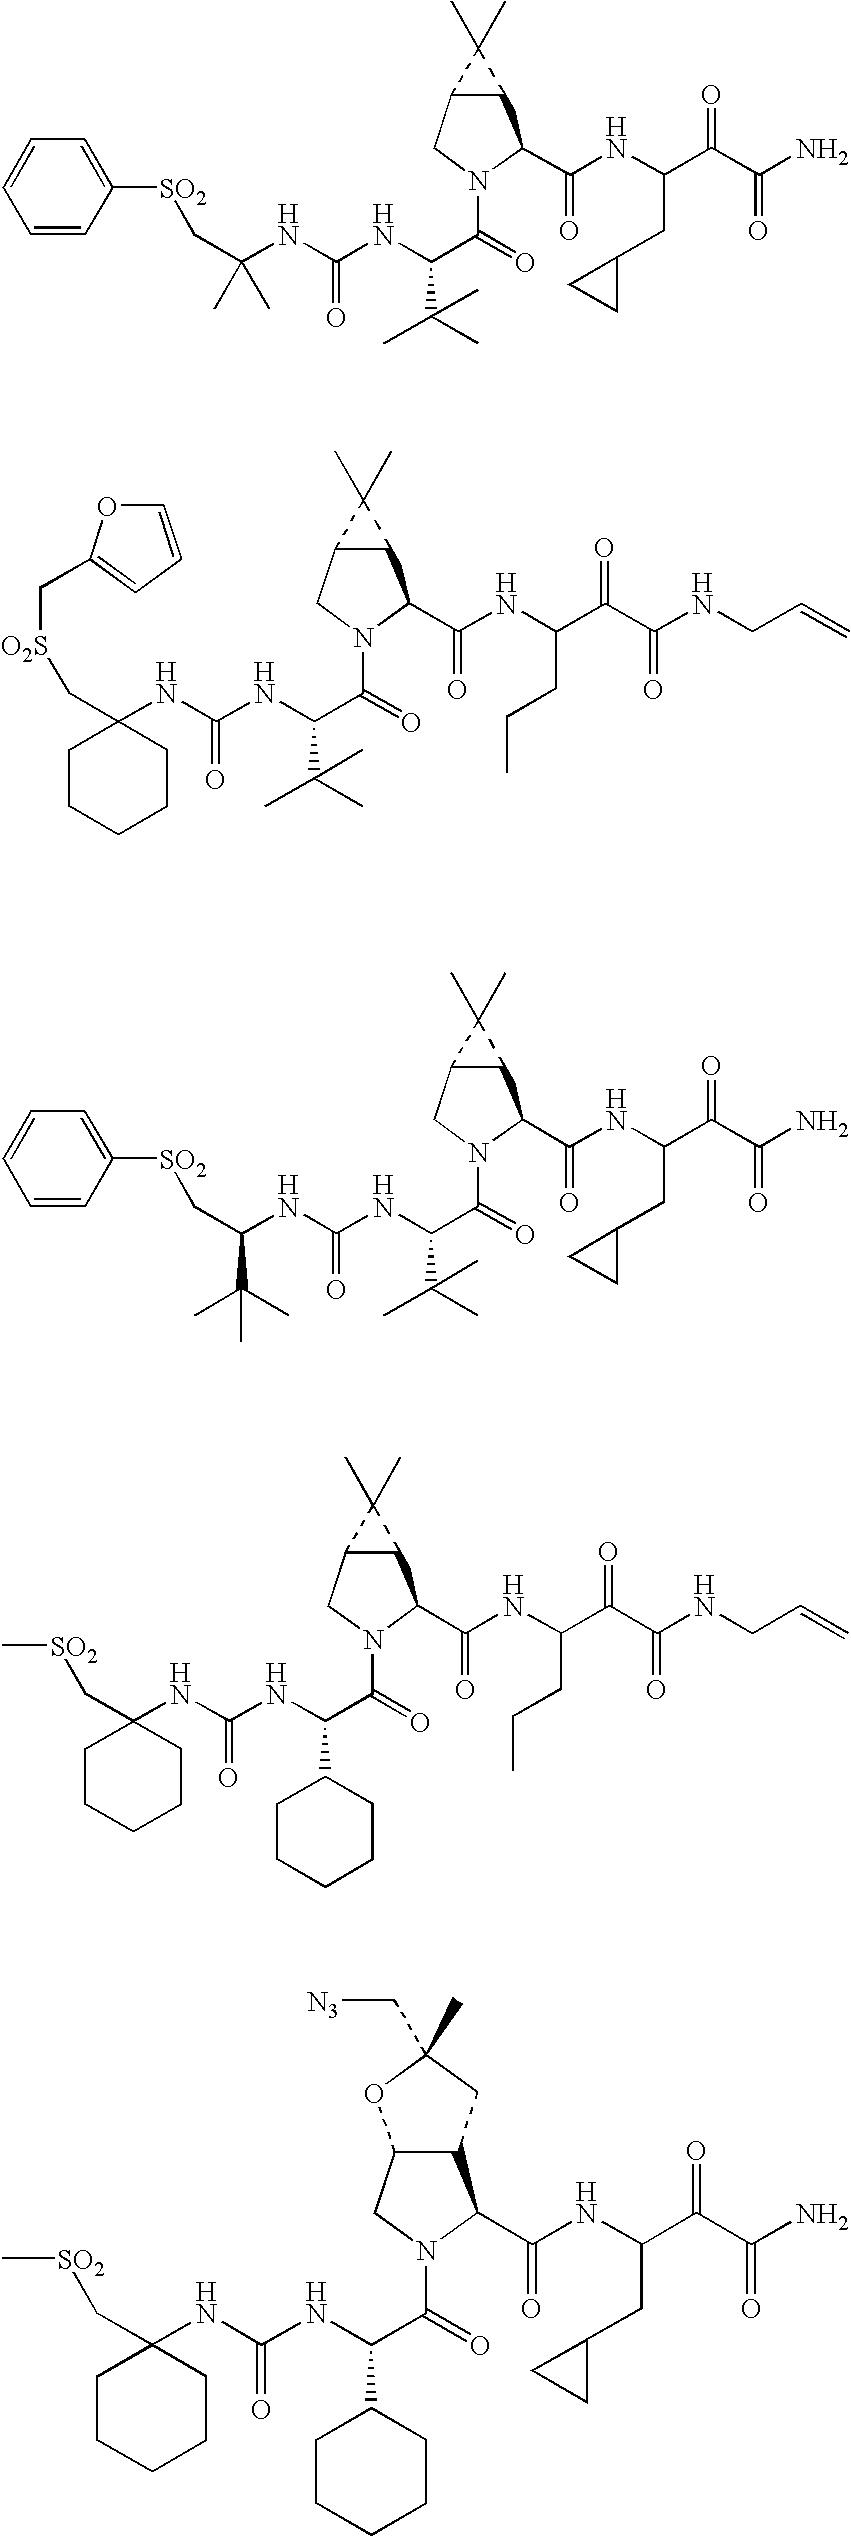 Figure US20060287248A1-20061221-C00464